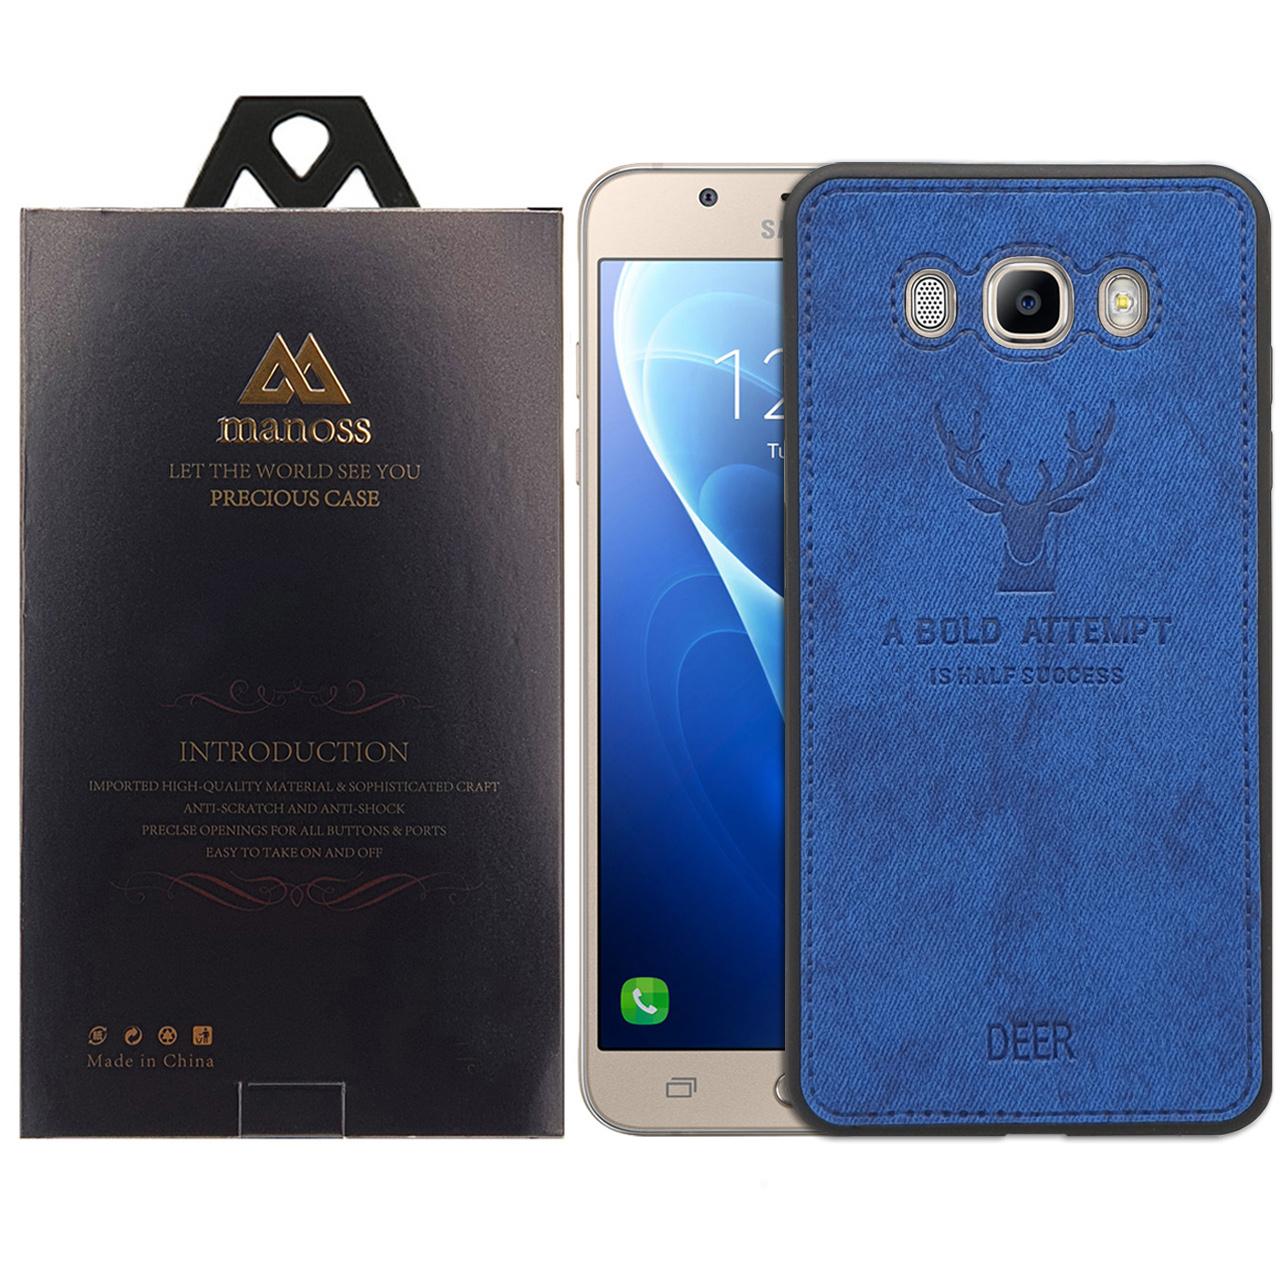 کاور مانوس مدل DEE-05 مناسب برای گوشی موبایل سامسونگ Galaxy J7 2016/J710